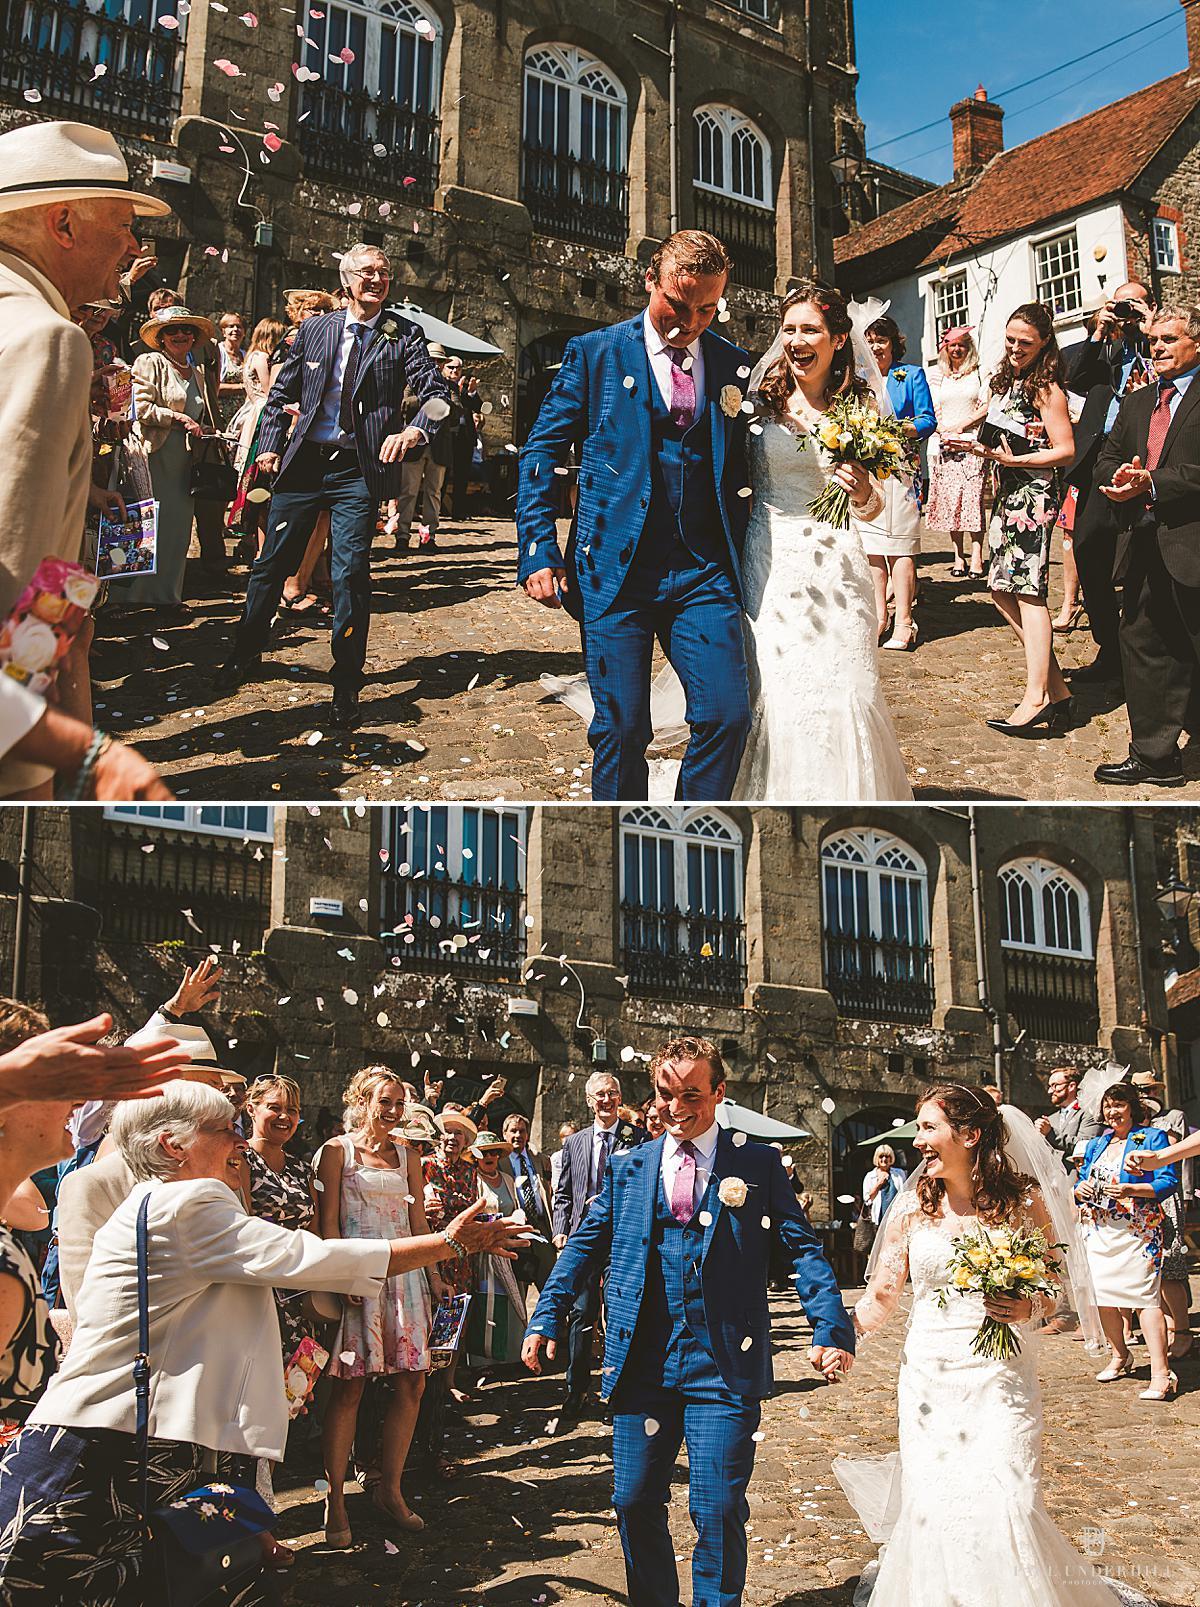 Shaftsbury weddings Dorset photographers